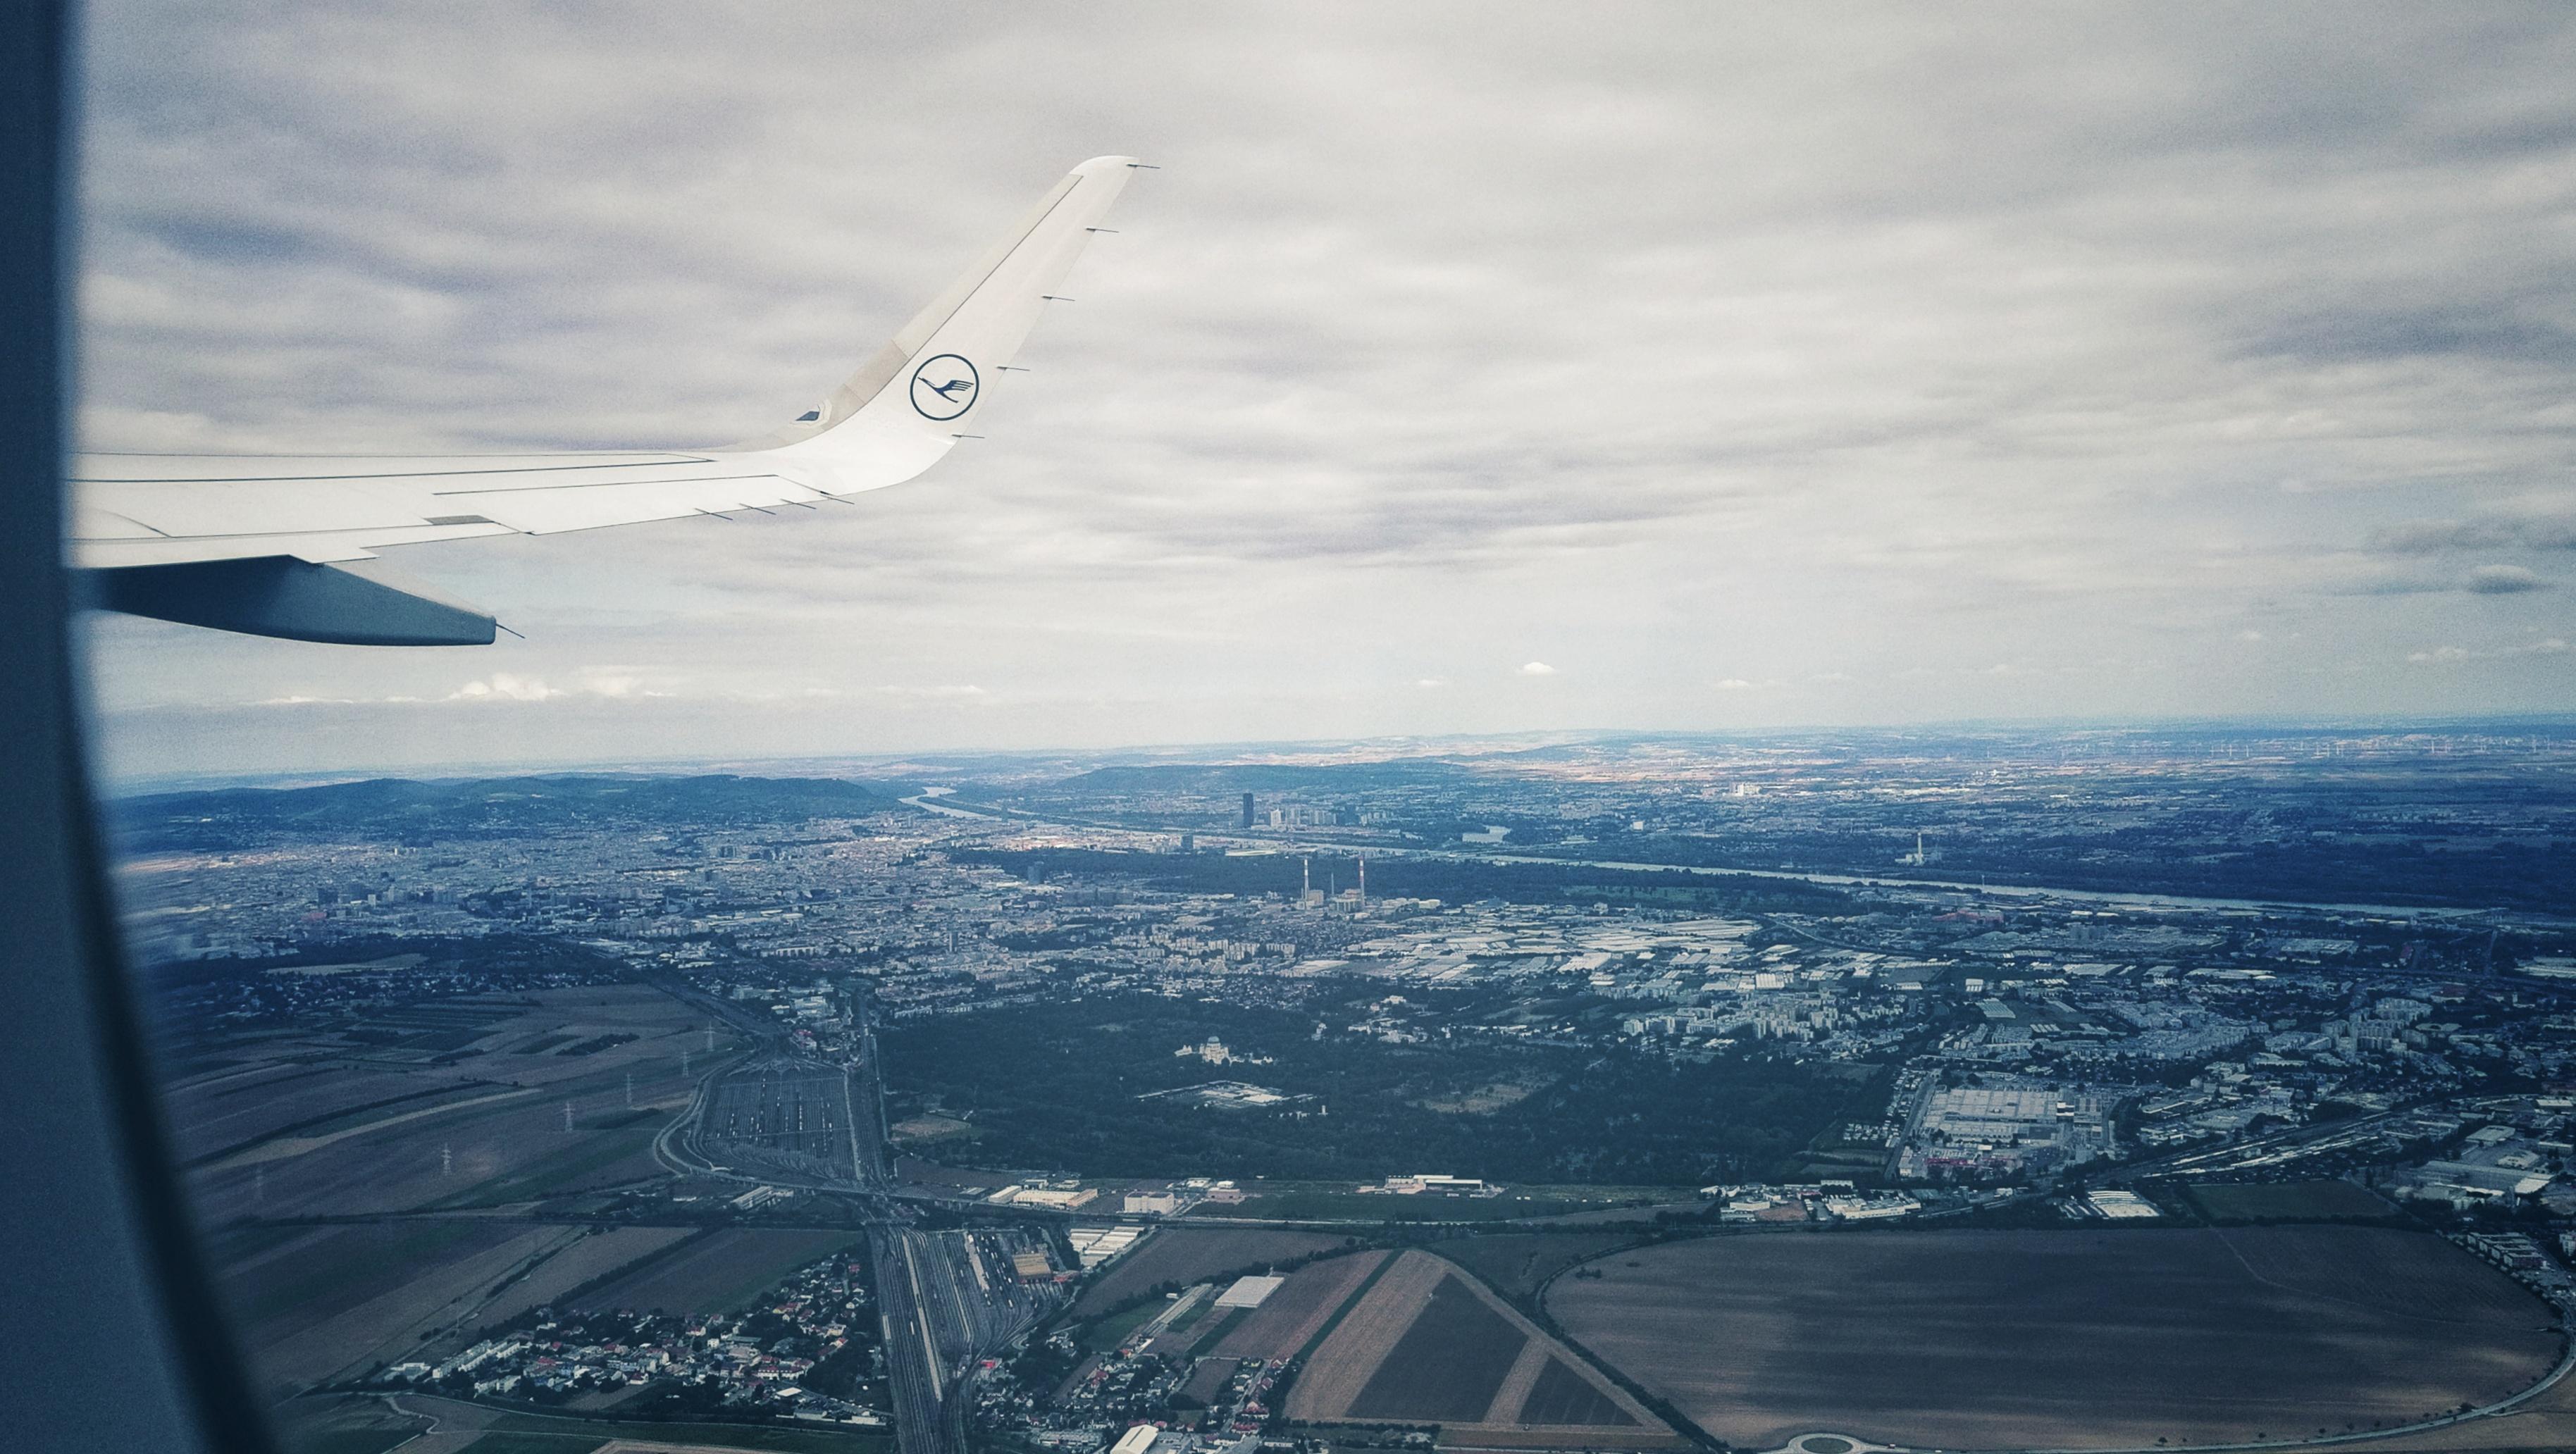 Airborne 6